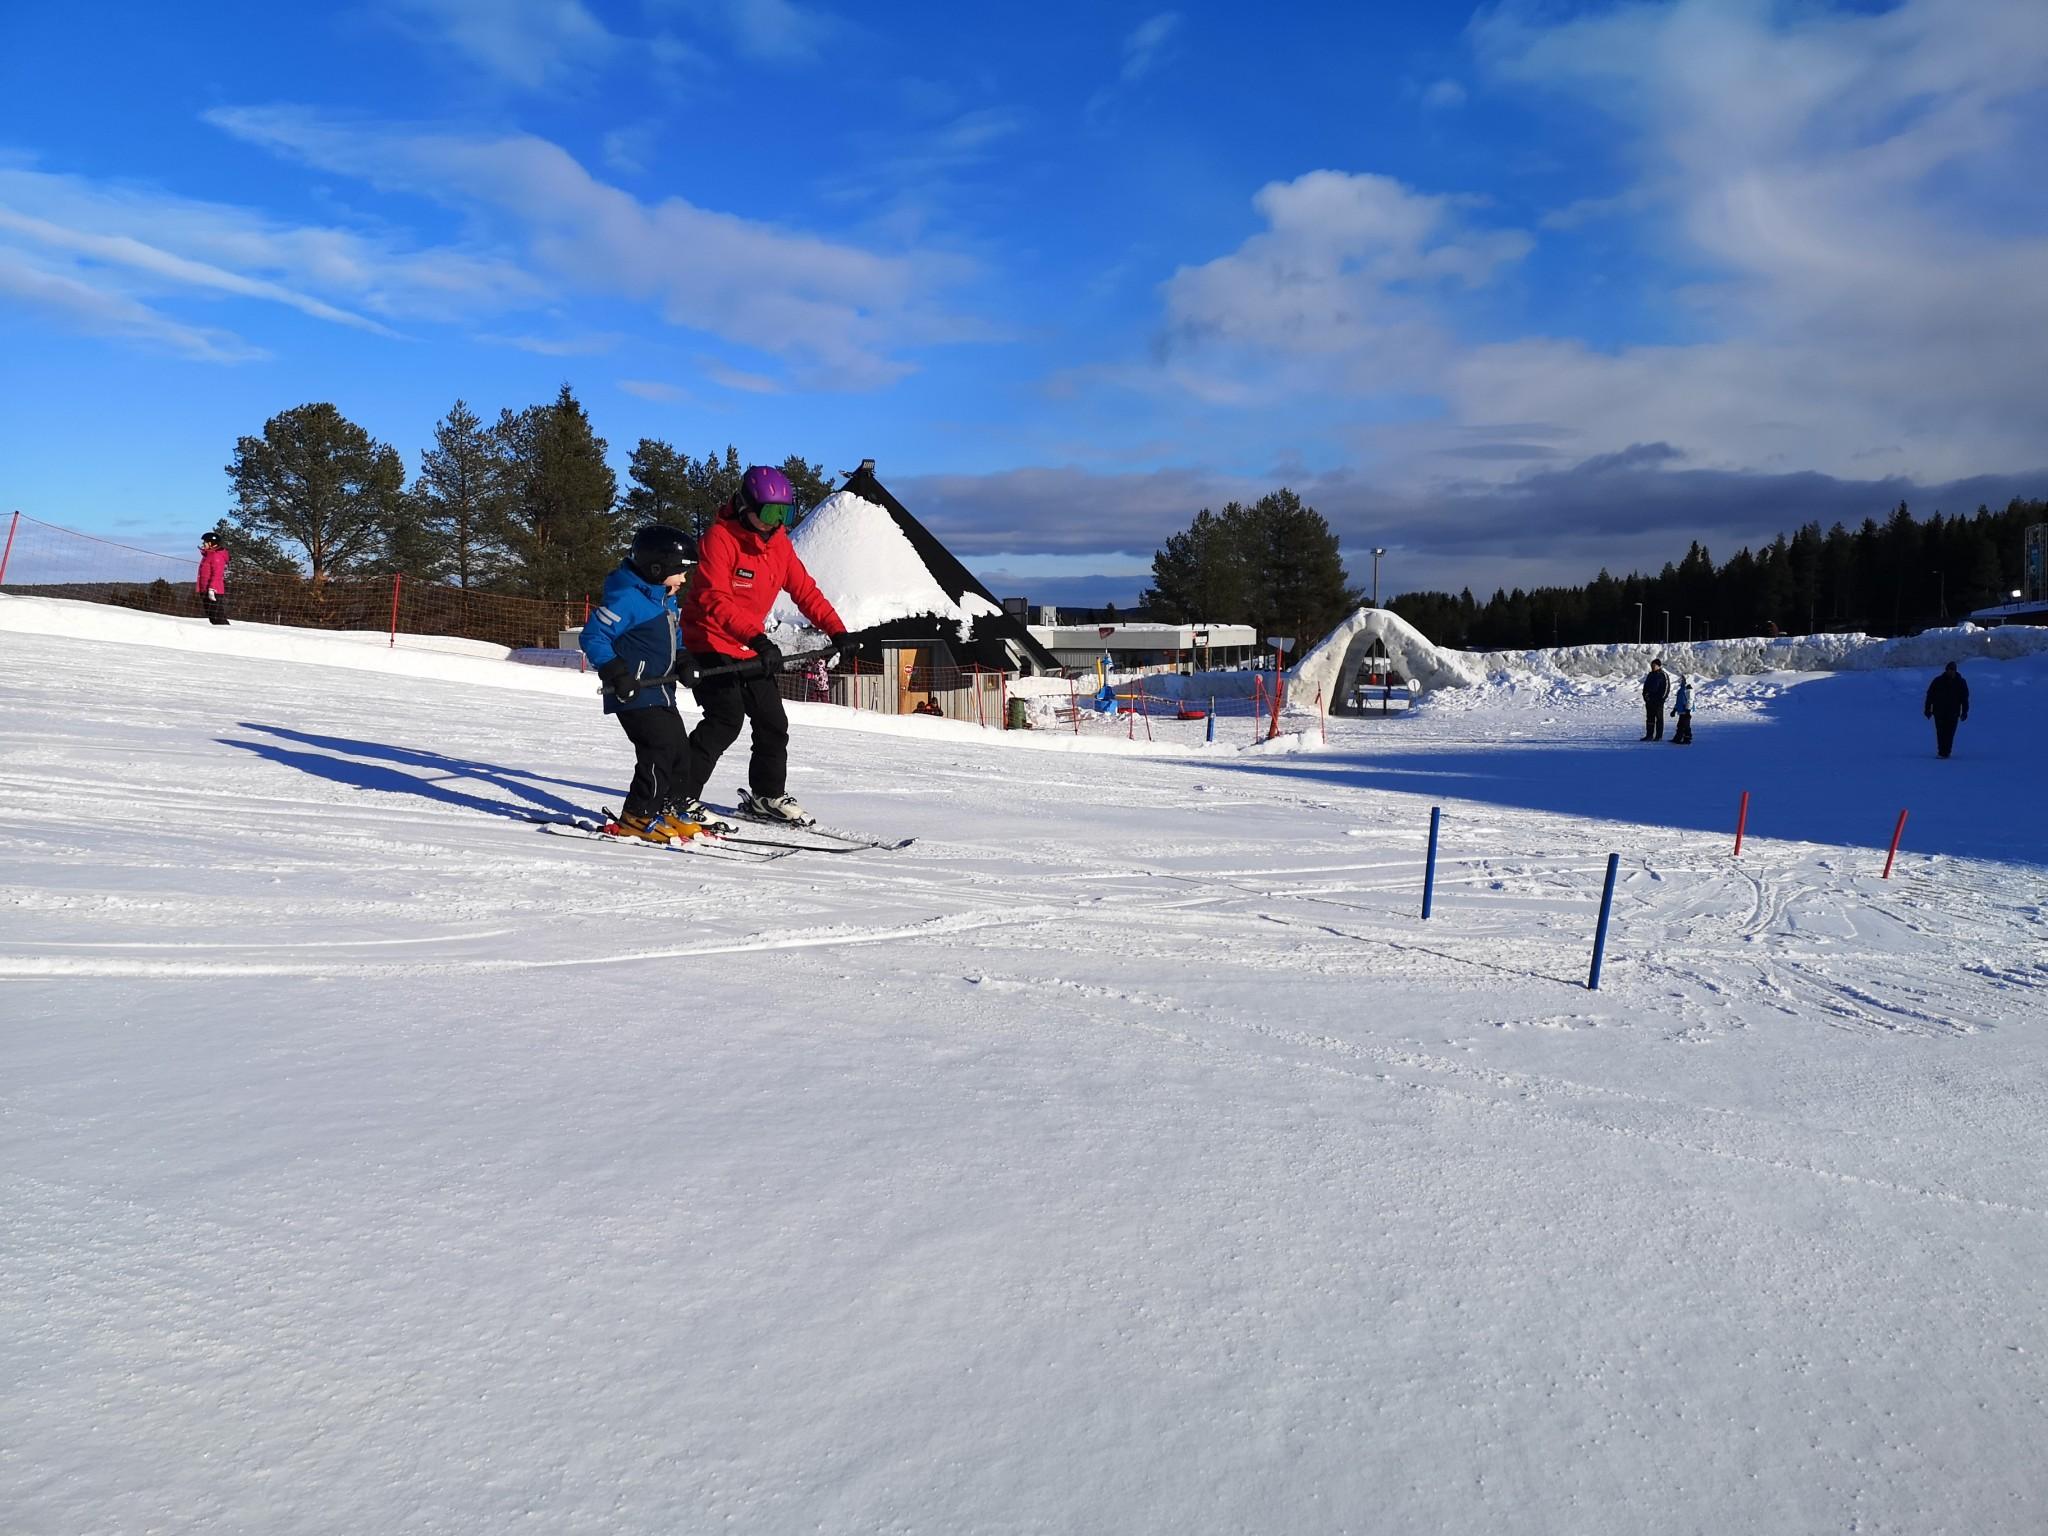 Kohteenanaailma Talviloma Rovaniemellä - Lappi alkaa Ounasvaaralta (5)